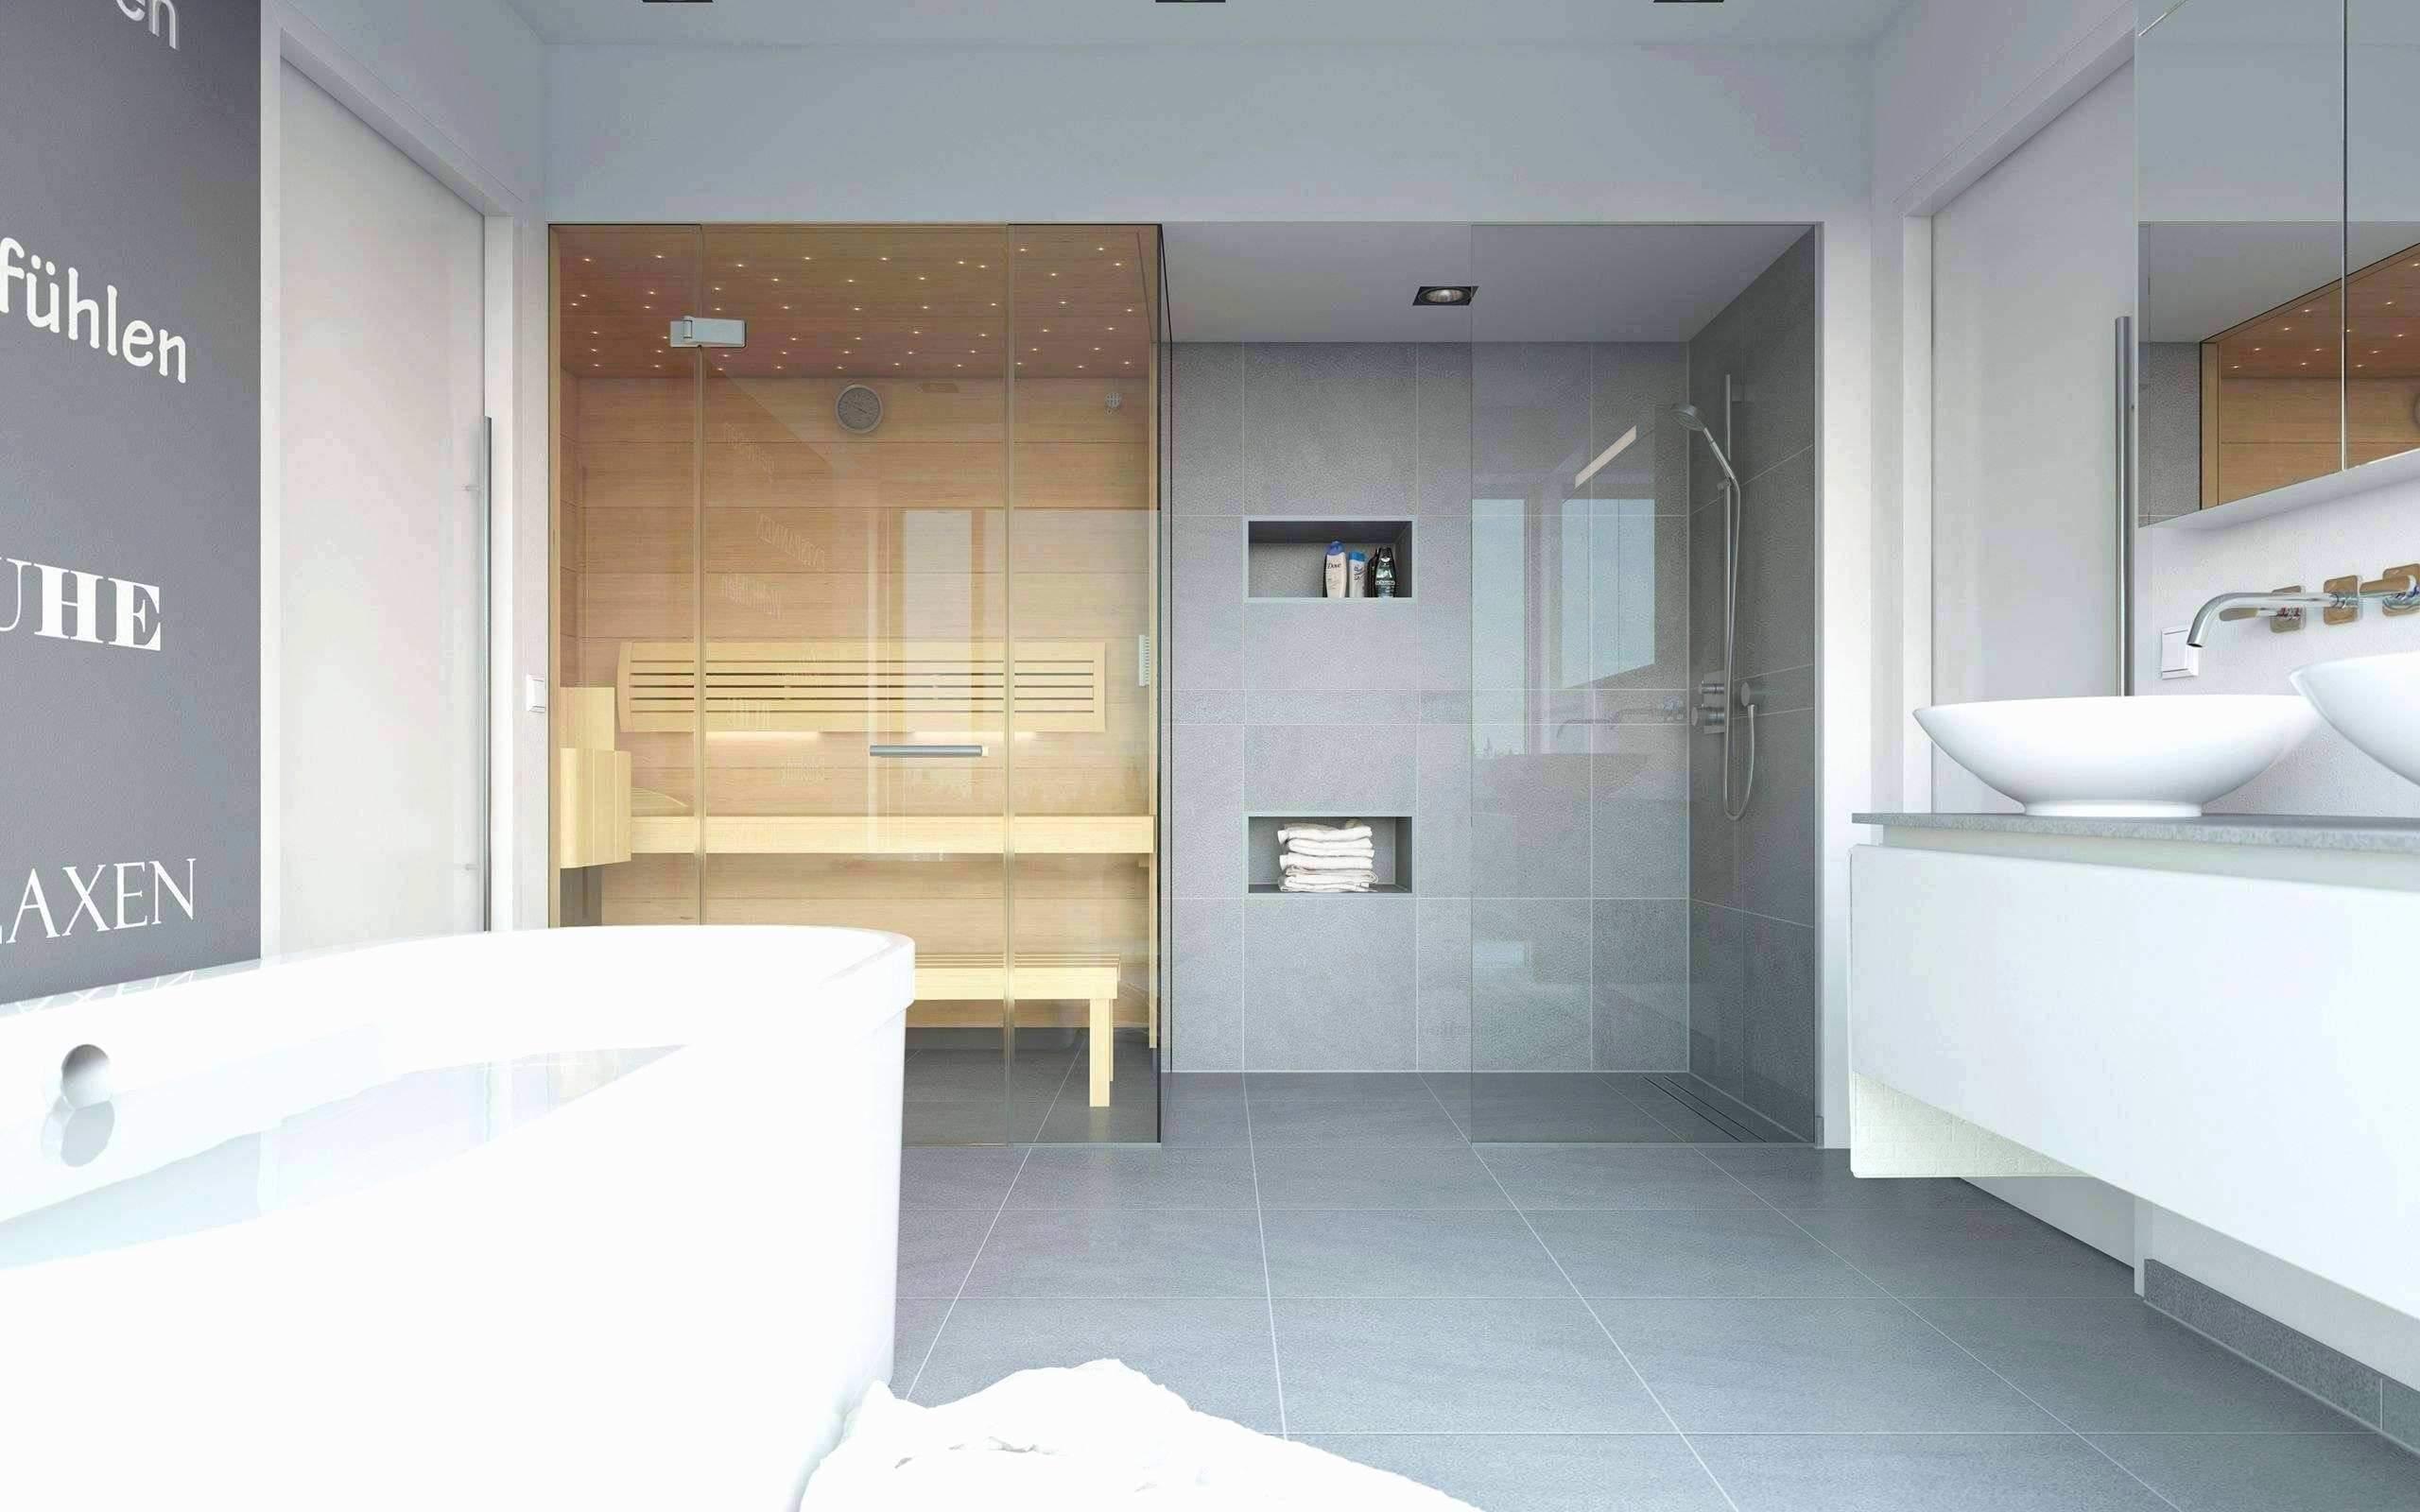 aufbewahrungsbox fur garten einzigartig badezimmer deko ideen elegant neueste modelle von badezimmer of aufbewahrungsbox fur garten 1